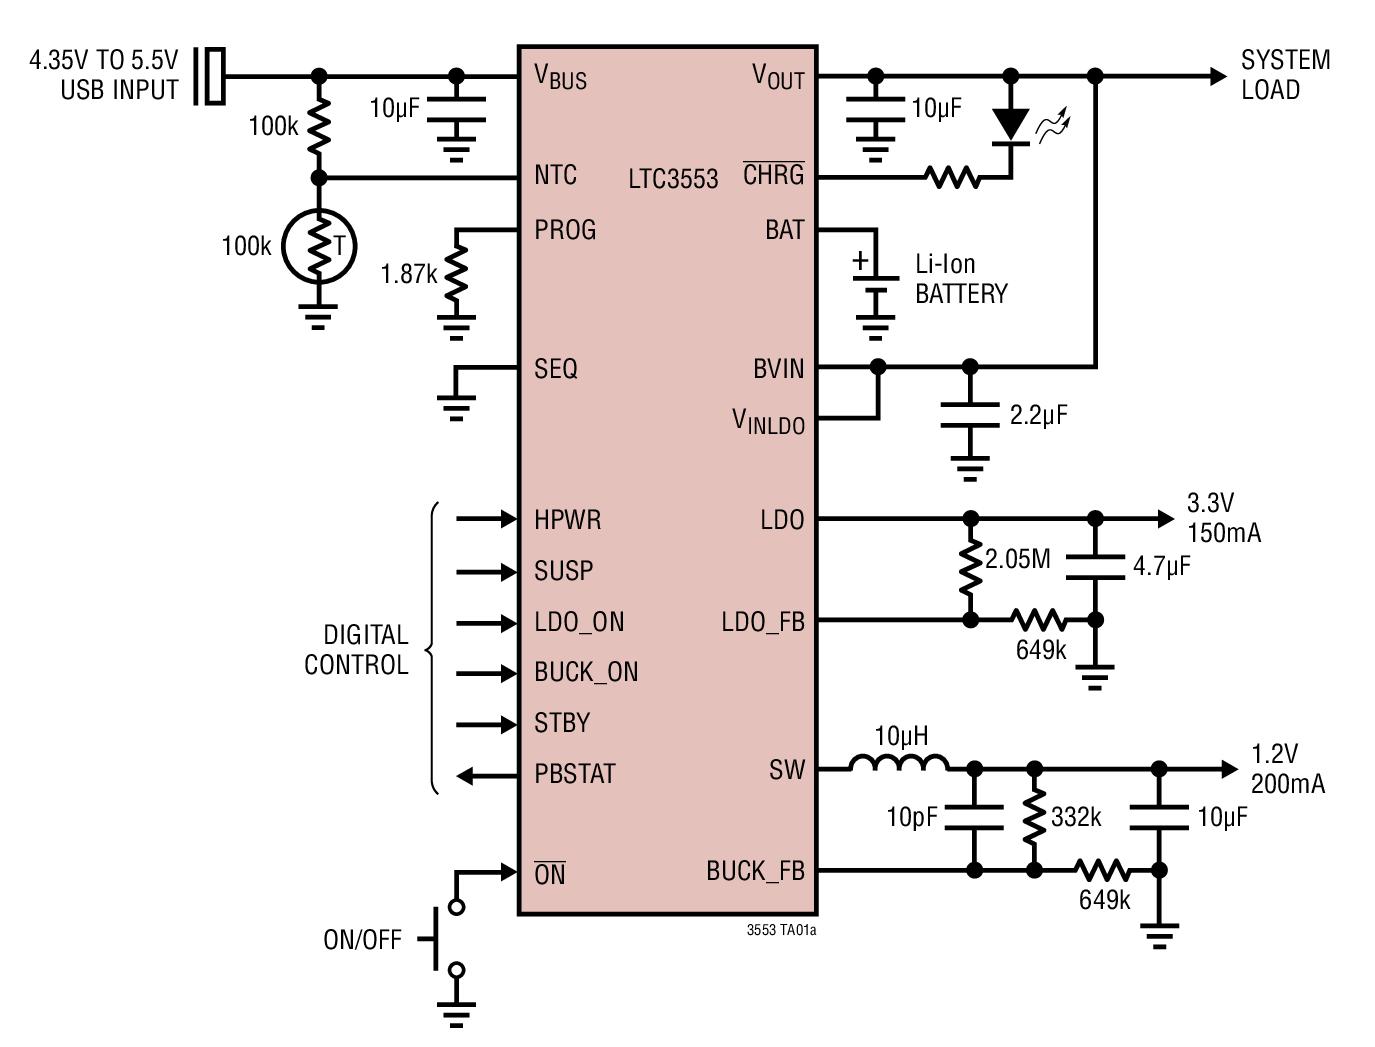 LTC3553 具锂离子电池充电器、LDO 和降压型稳压器的微功率 USB 电源管理器